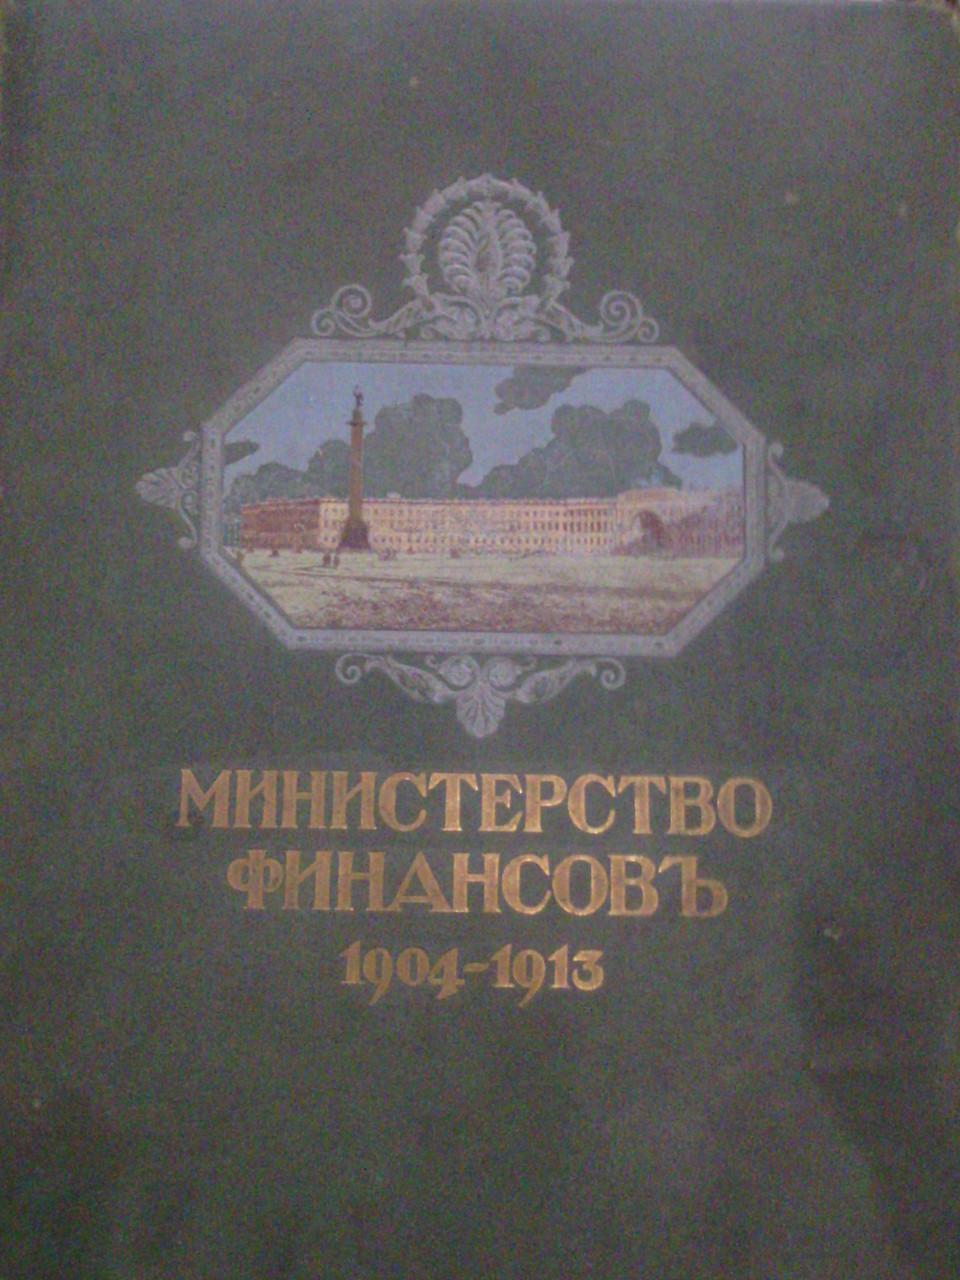 Книга Министерство финансов 1904-1913 г.г. отчёты